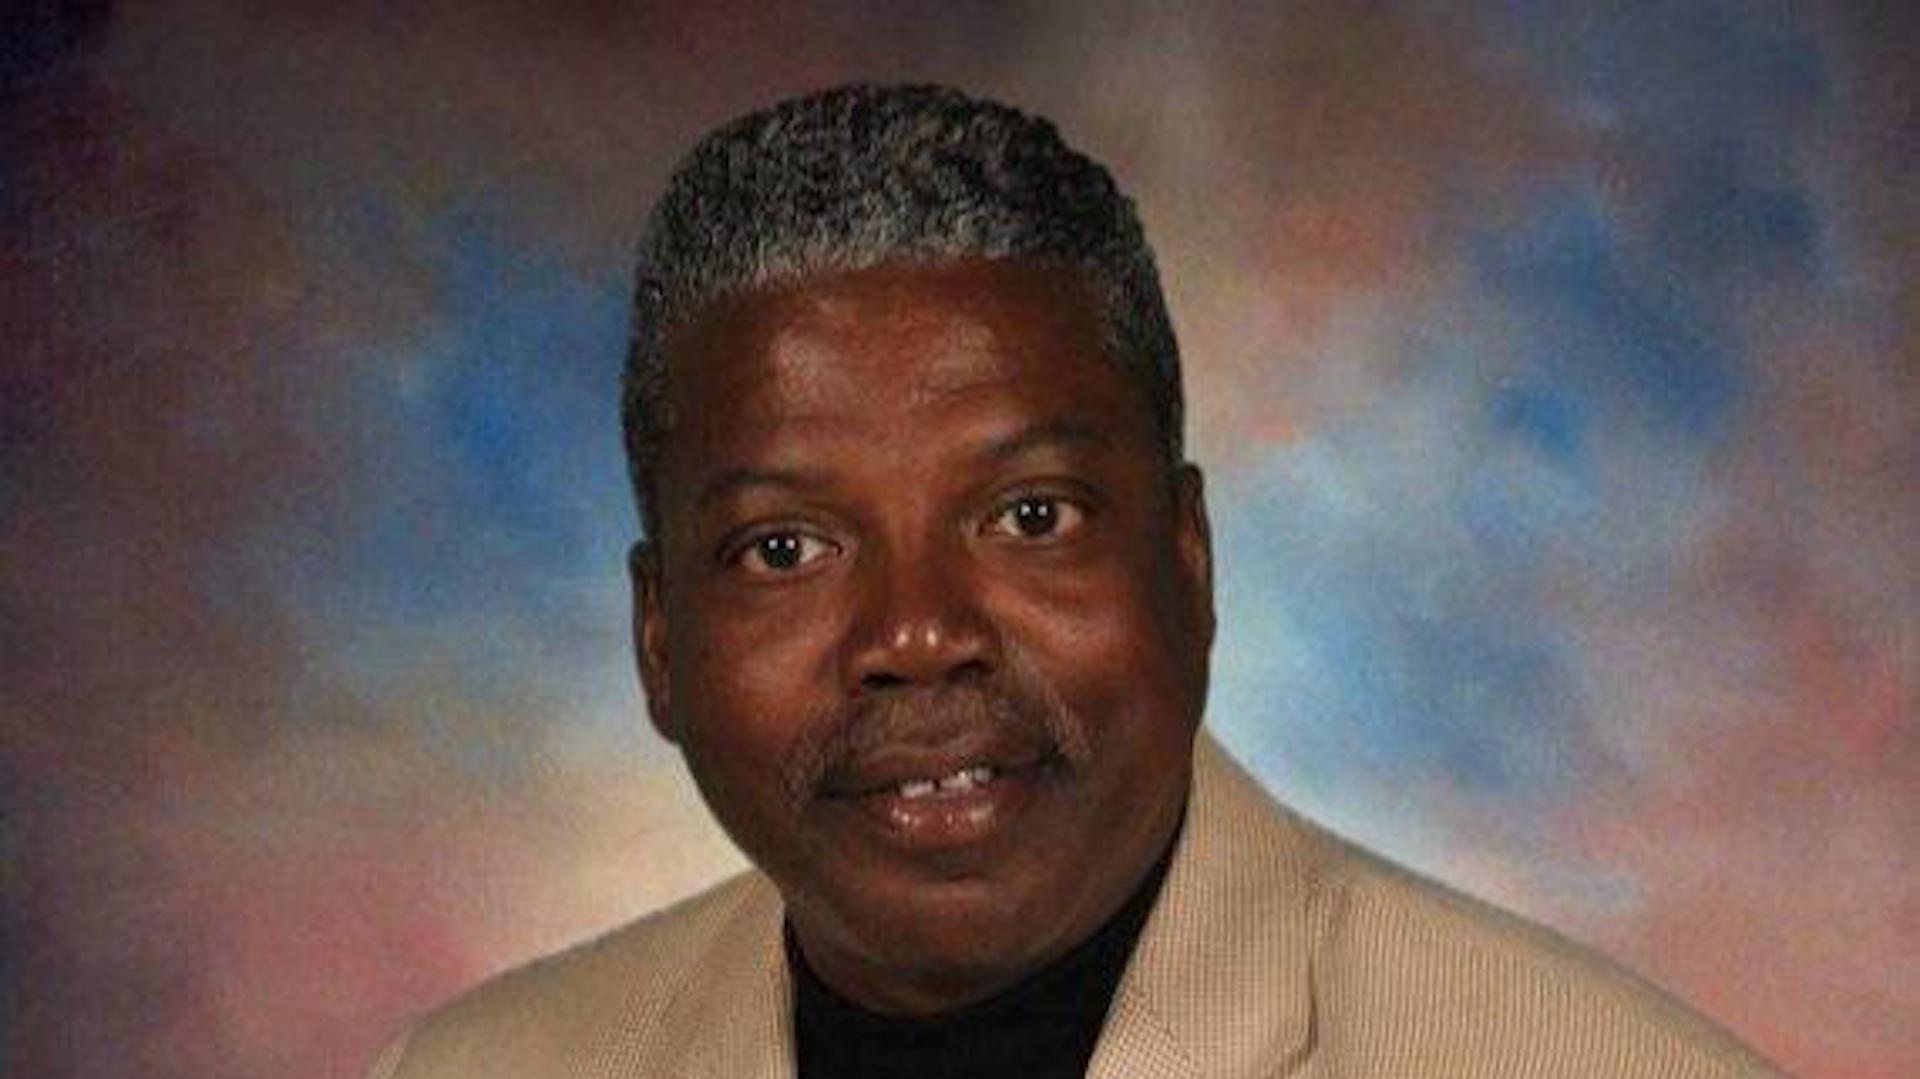 harvey school board member running for alderman despite